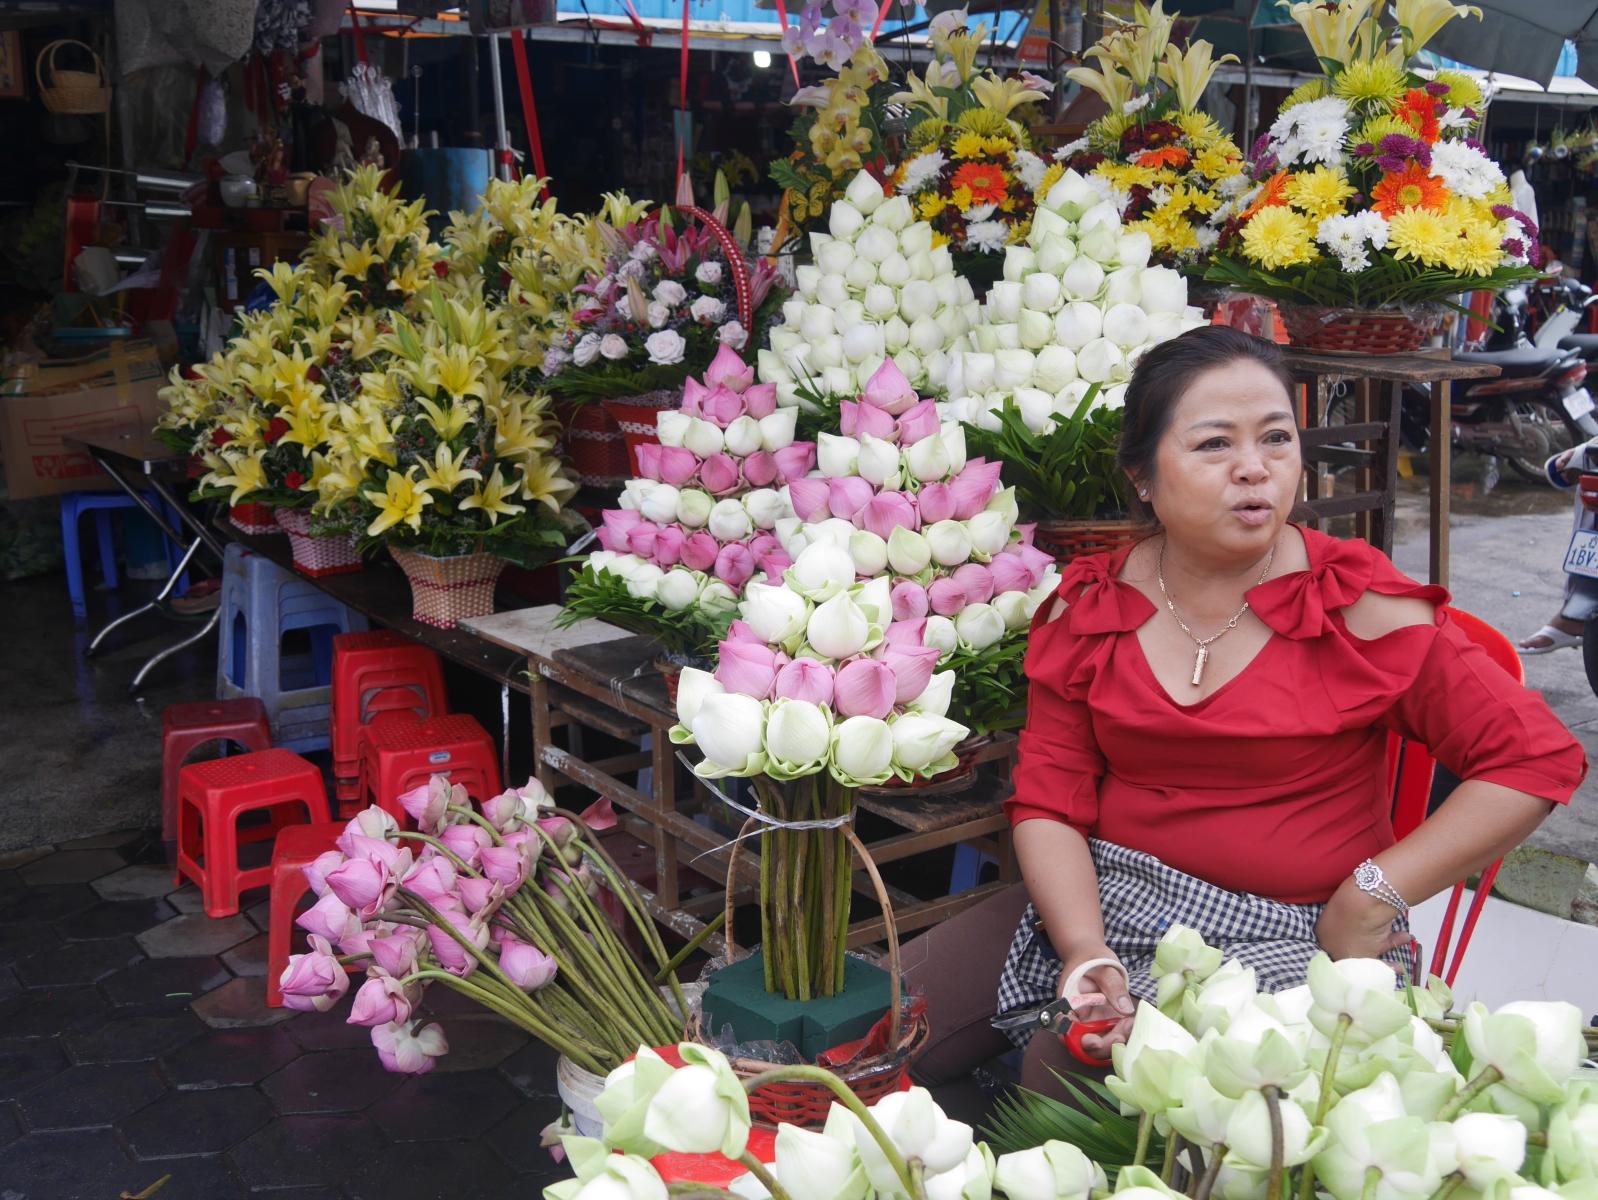 Lotosblumenverkäuferin in der Nähe eines bekannten buddhistischen Tempels